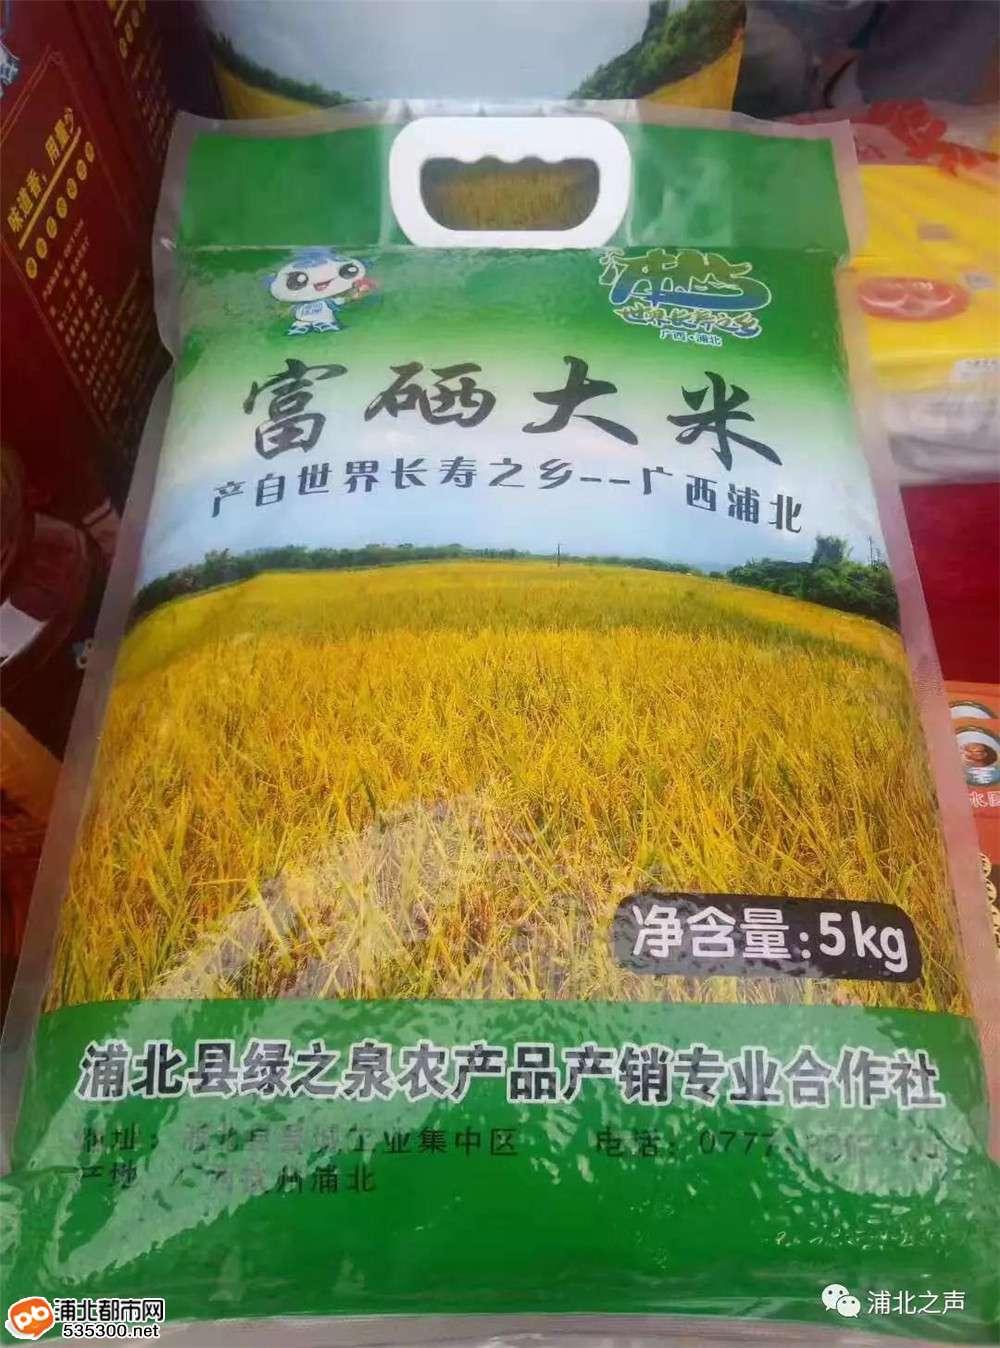 浦北年货节开幕啦!各镇农产品都齐集这里,热闹!